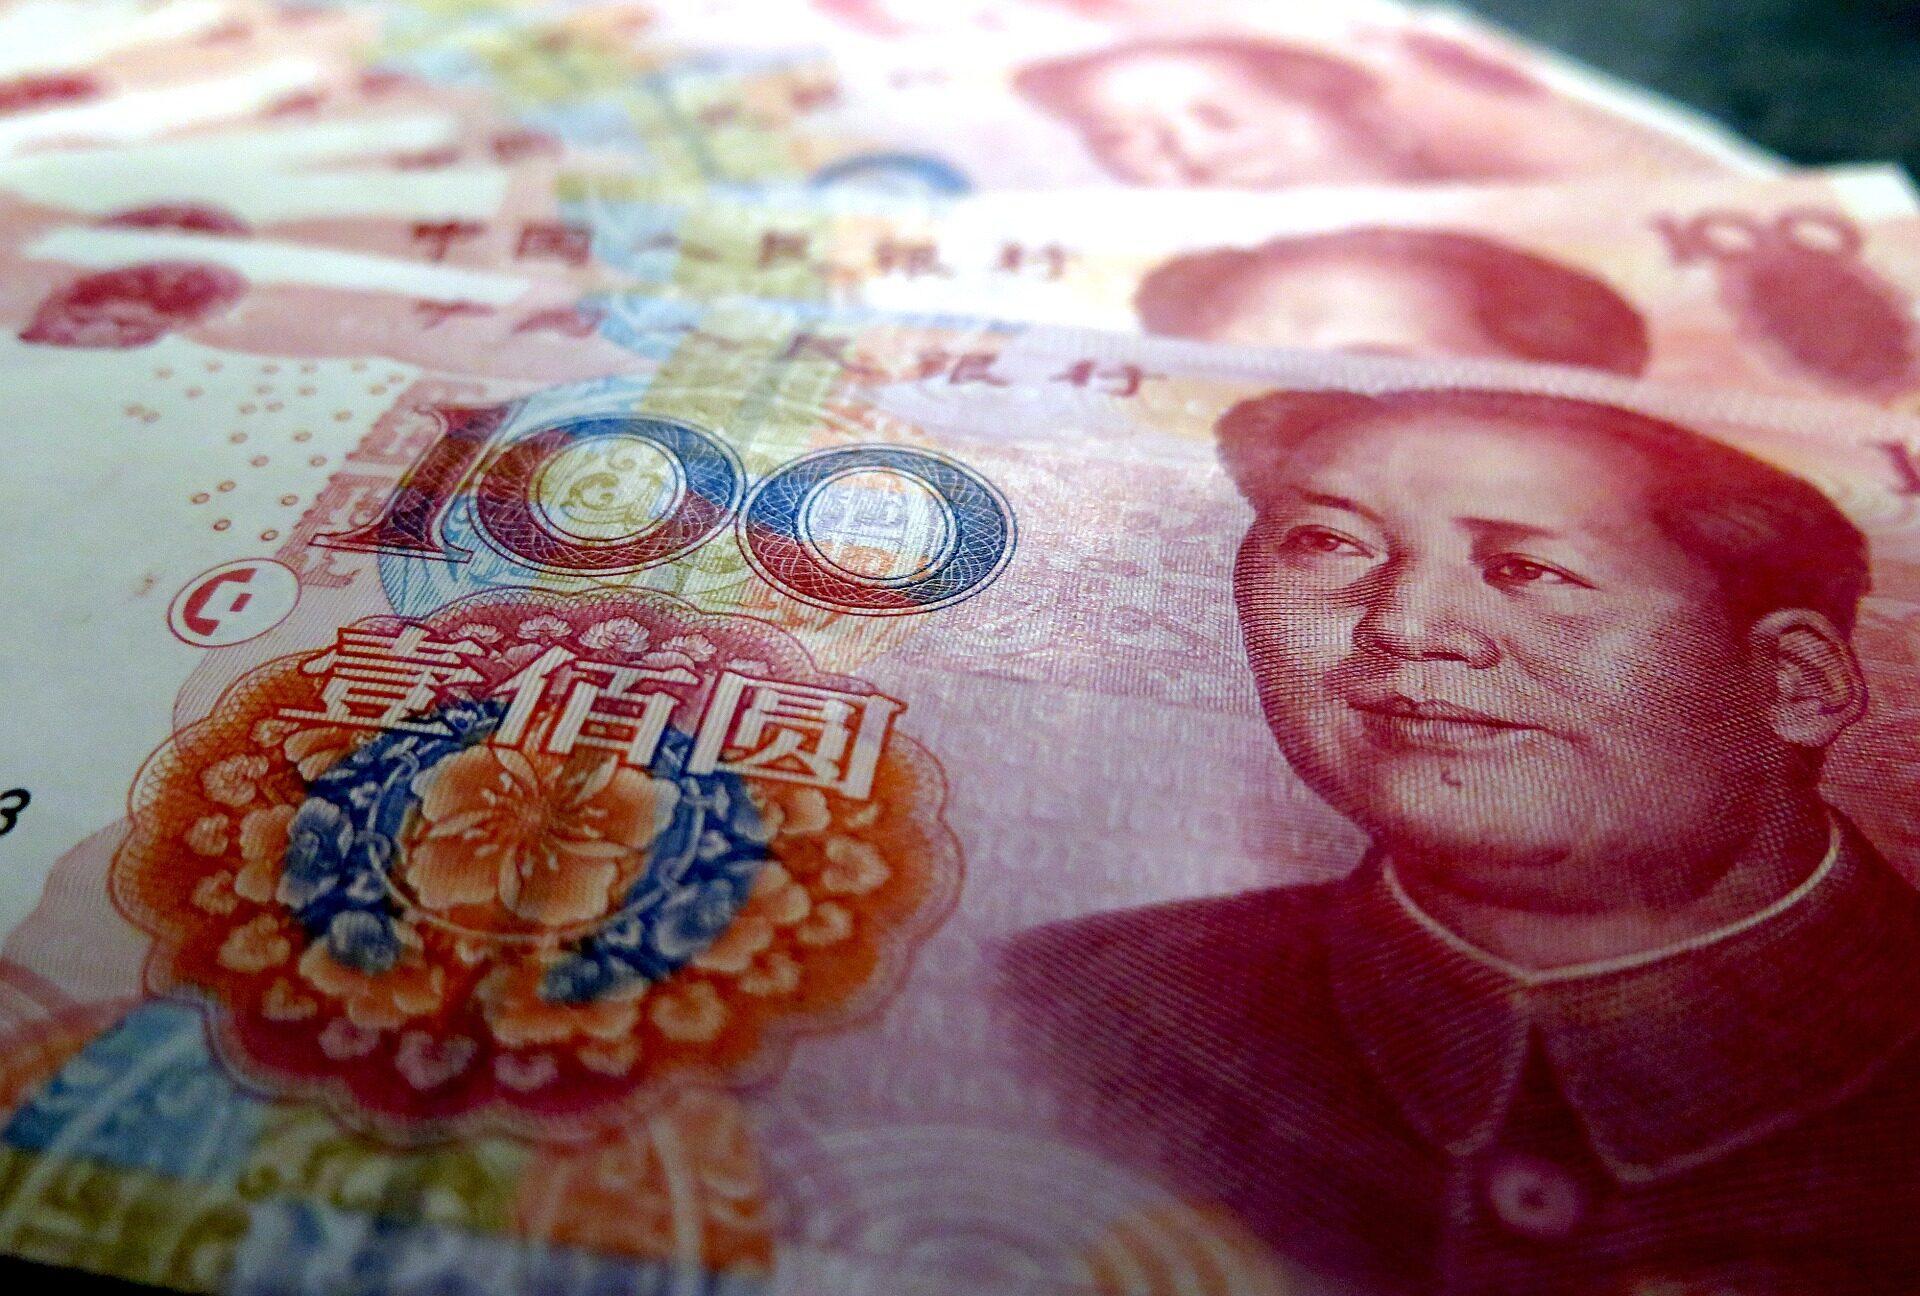 Casi 20 mil pagos se realizaron en JD.com durante 24 horas con el yuan digital, que no llega para amenazar el sistema monetario global, según un antiguo líder del Banco Central de China